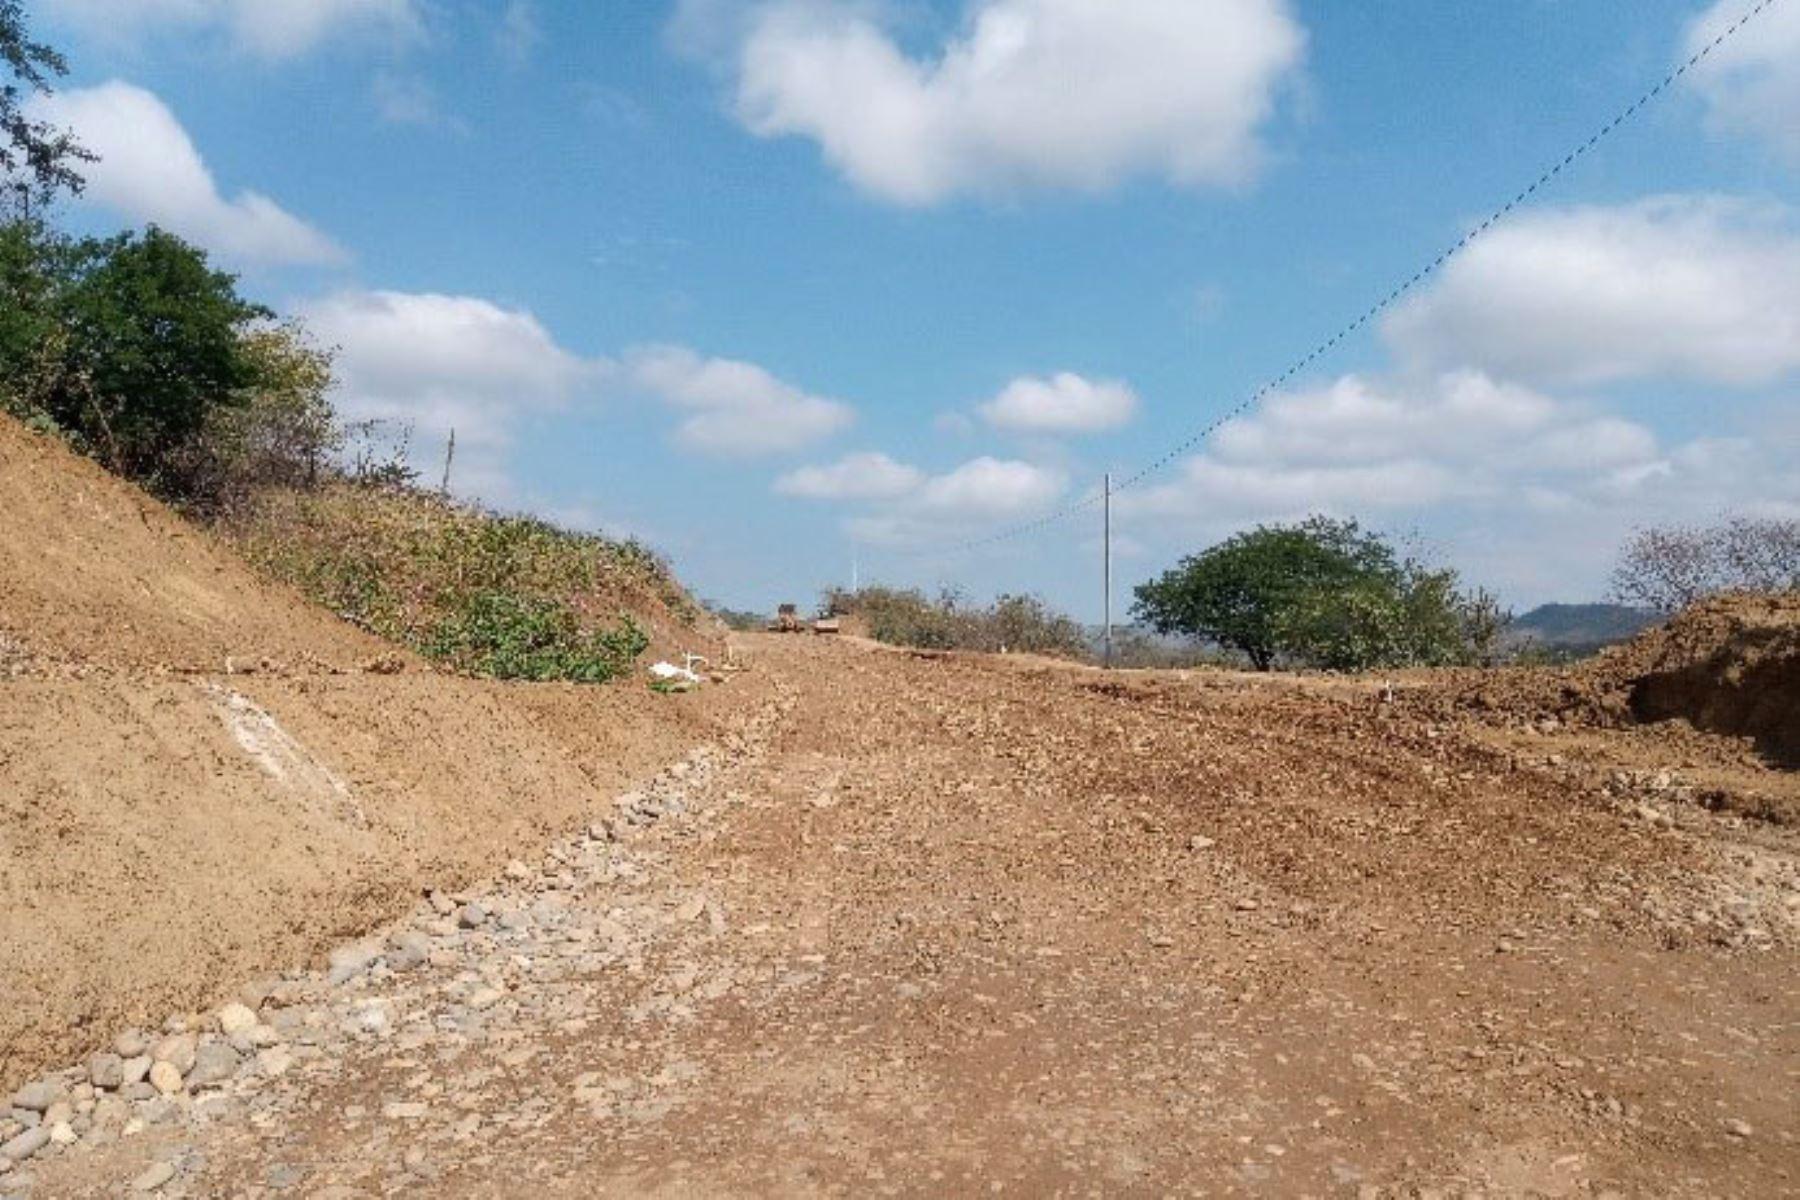 Obras en carretera Rica Playa Bocana-Carreteras-La Choza tiene un avance físico del 20 % y ha generado más de 60 puestos de trabajo. Foto: ANDINA/ARCC